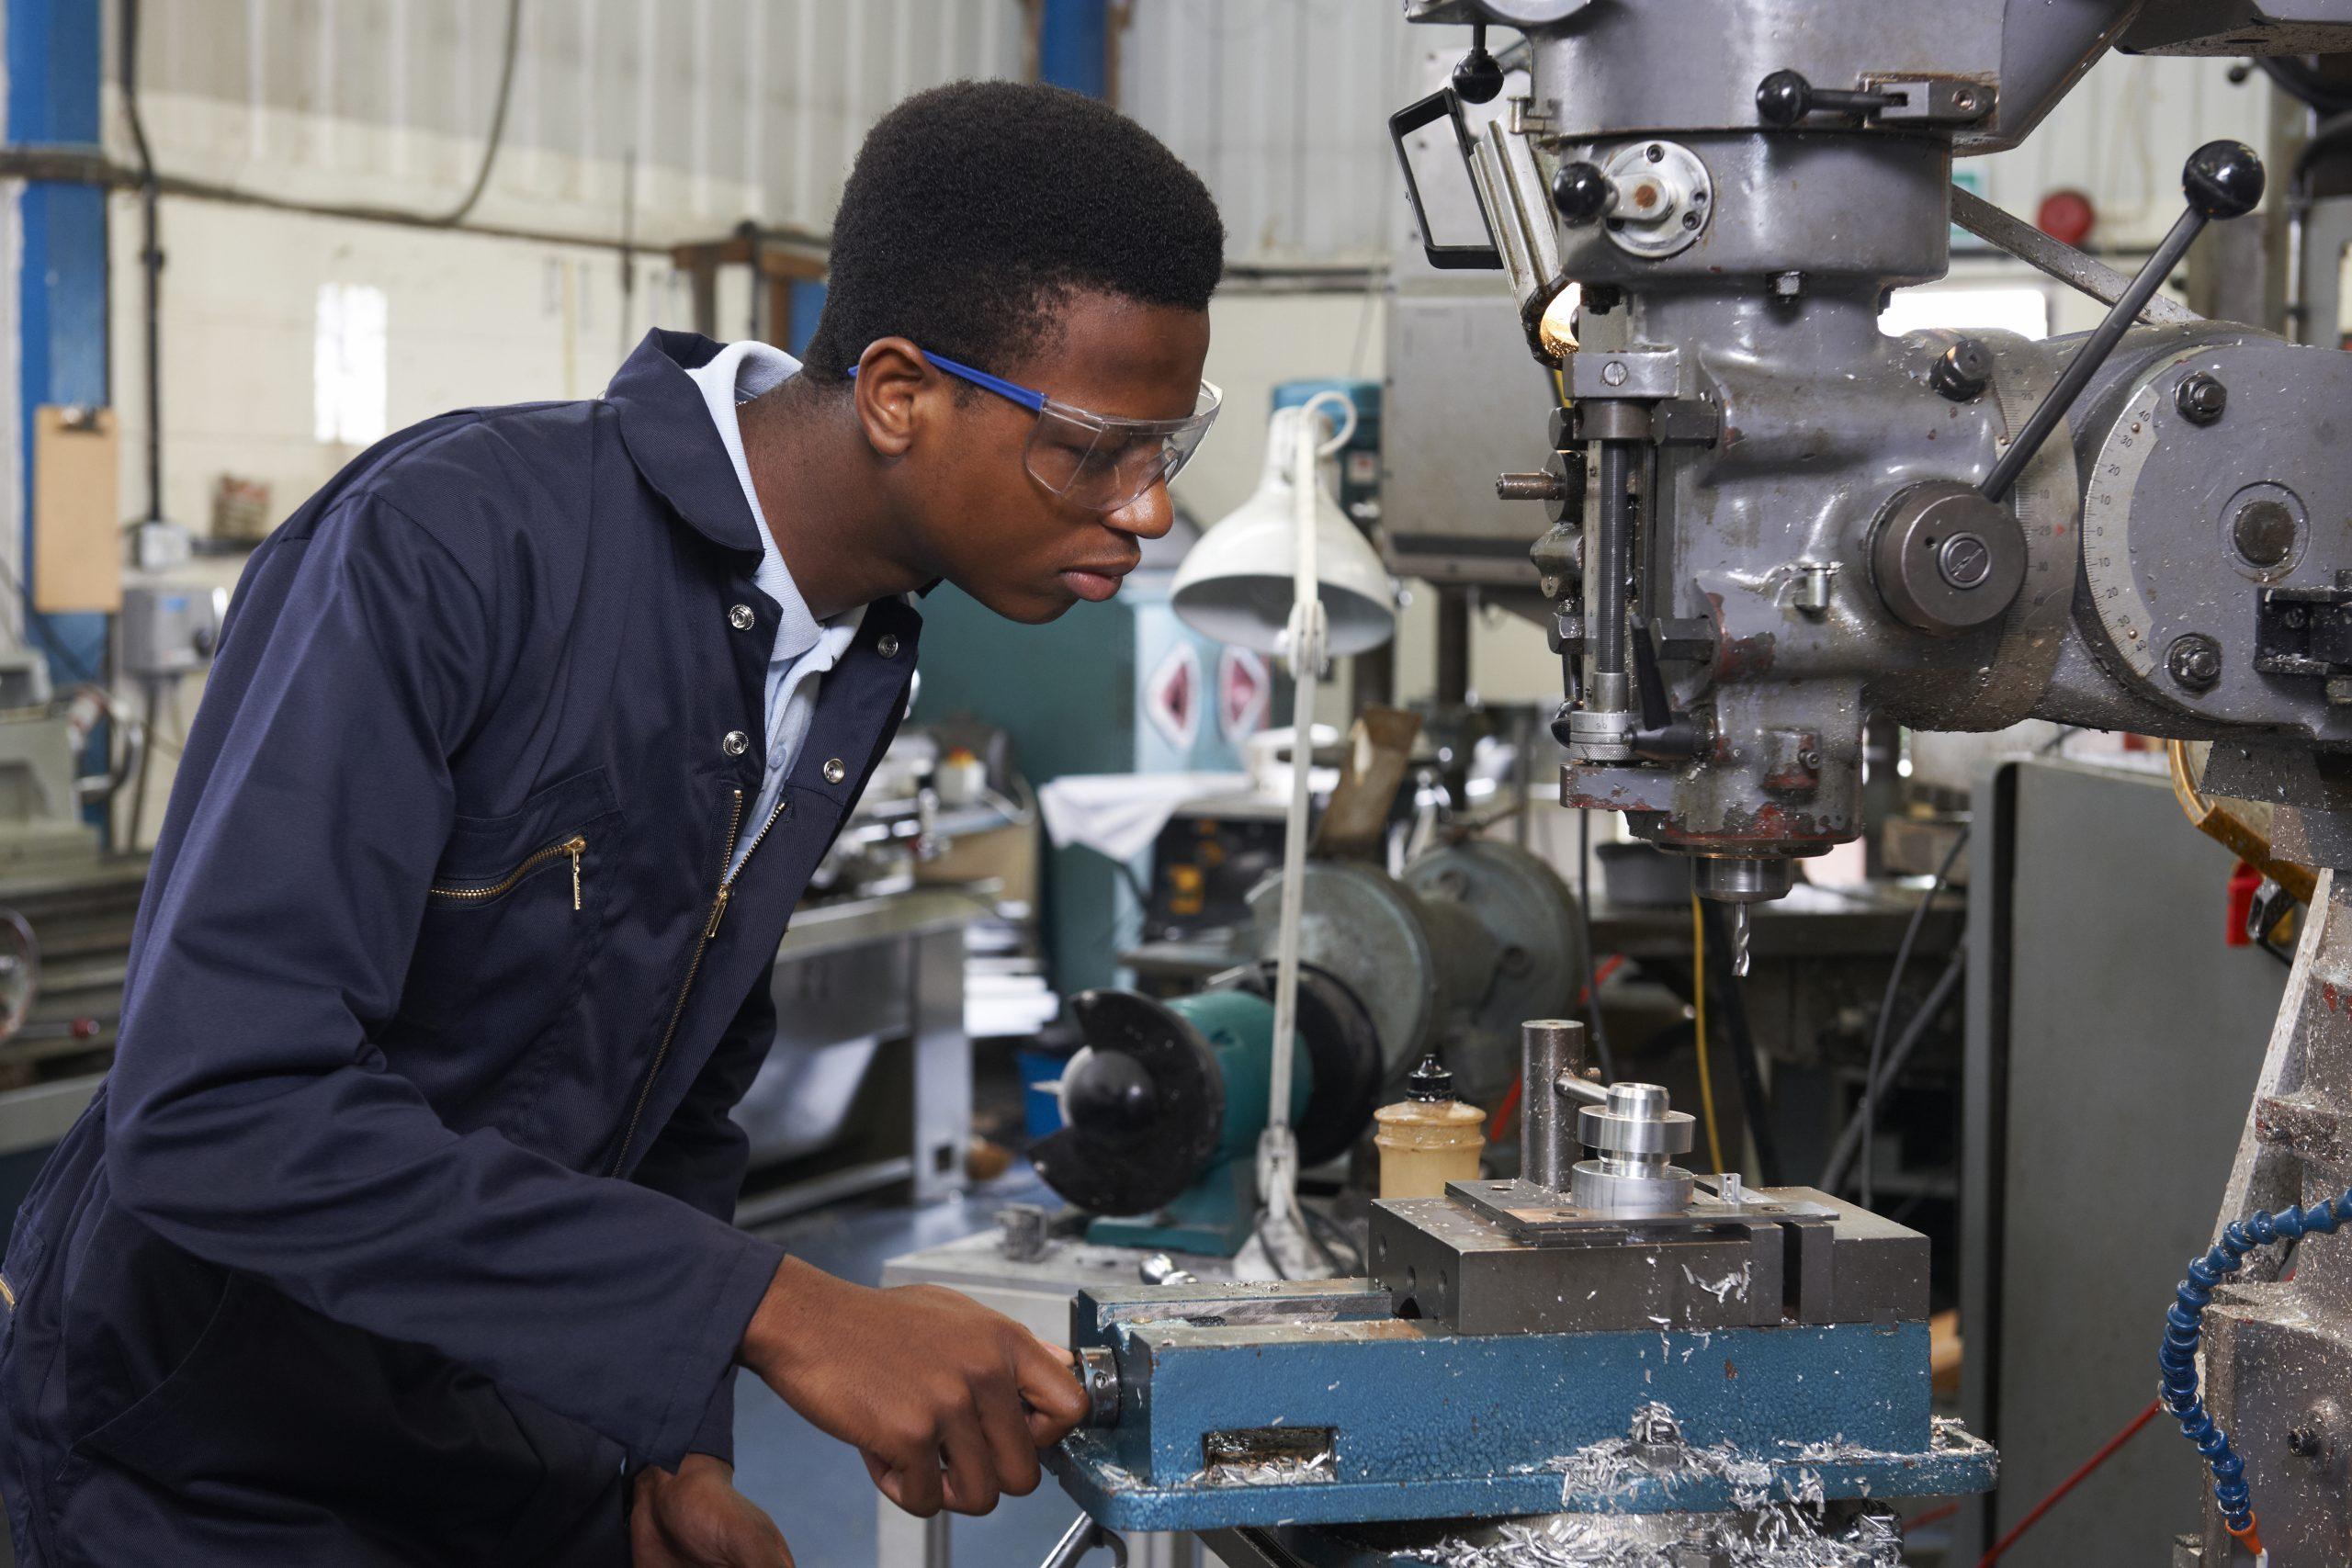 Yuva Engineering Apprentice Operating Machine